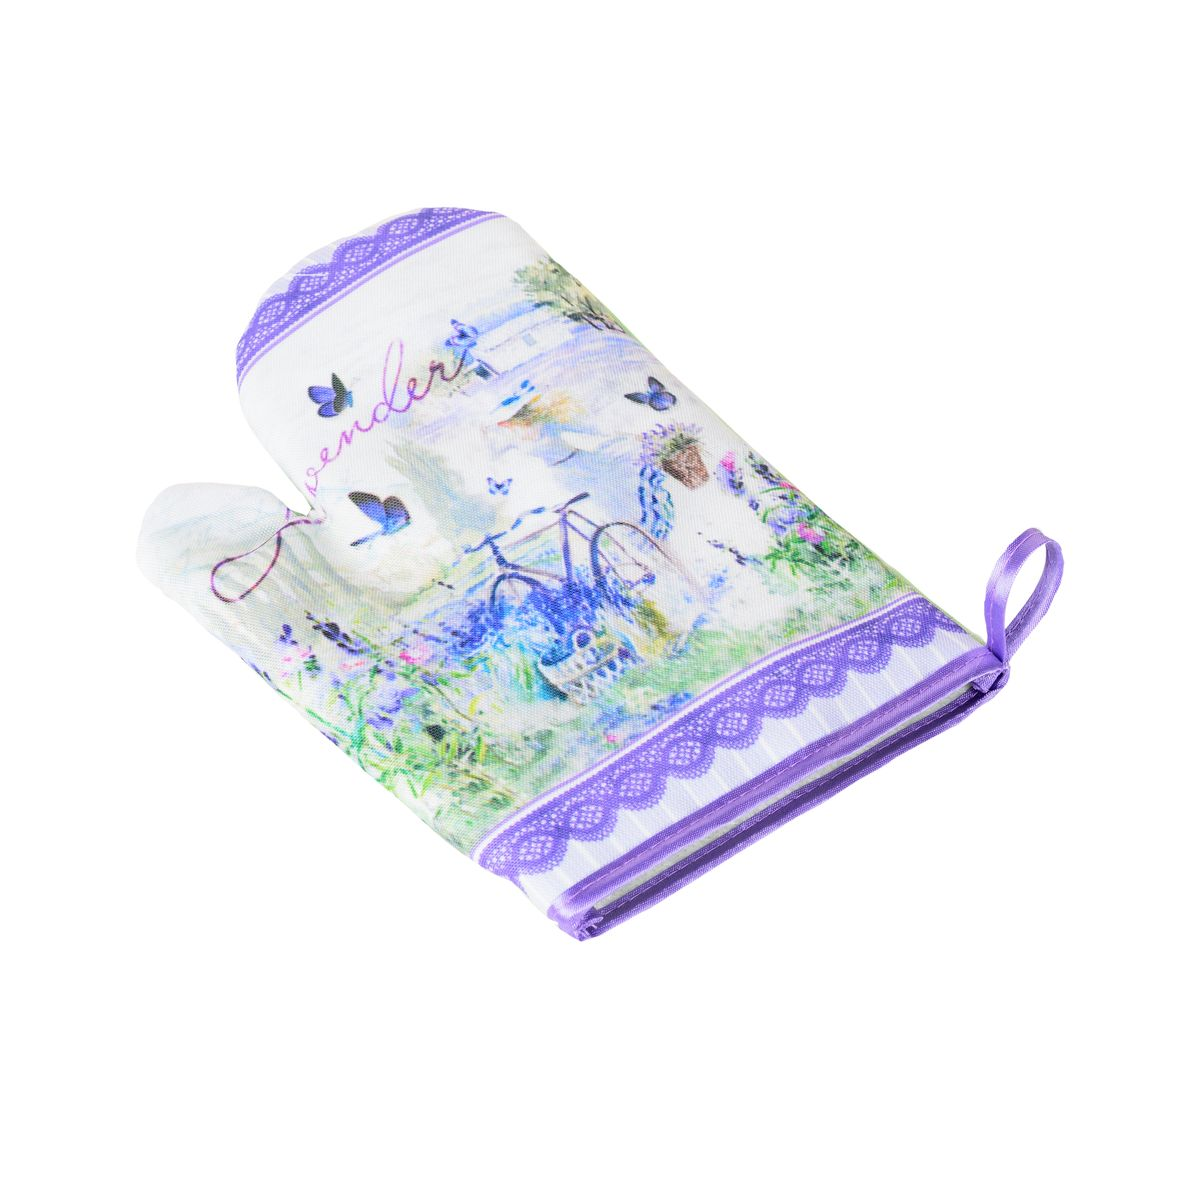 Варежка-прихватка Gift'n'Home TEX-01 Лаванда, цвет: фиолетовый, 25 х 17 см варежка прихватка gipfel 2713 26х17 см